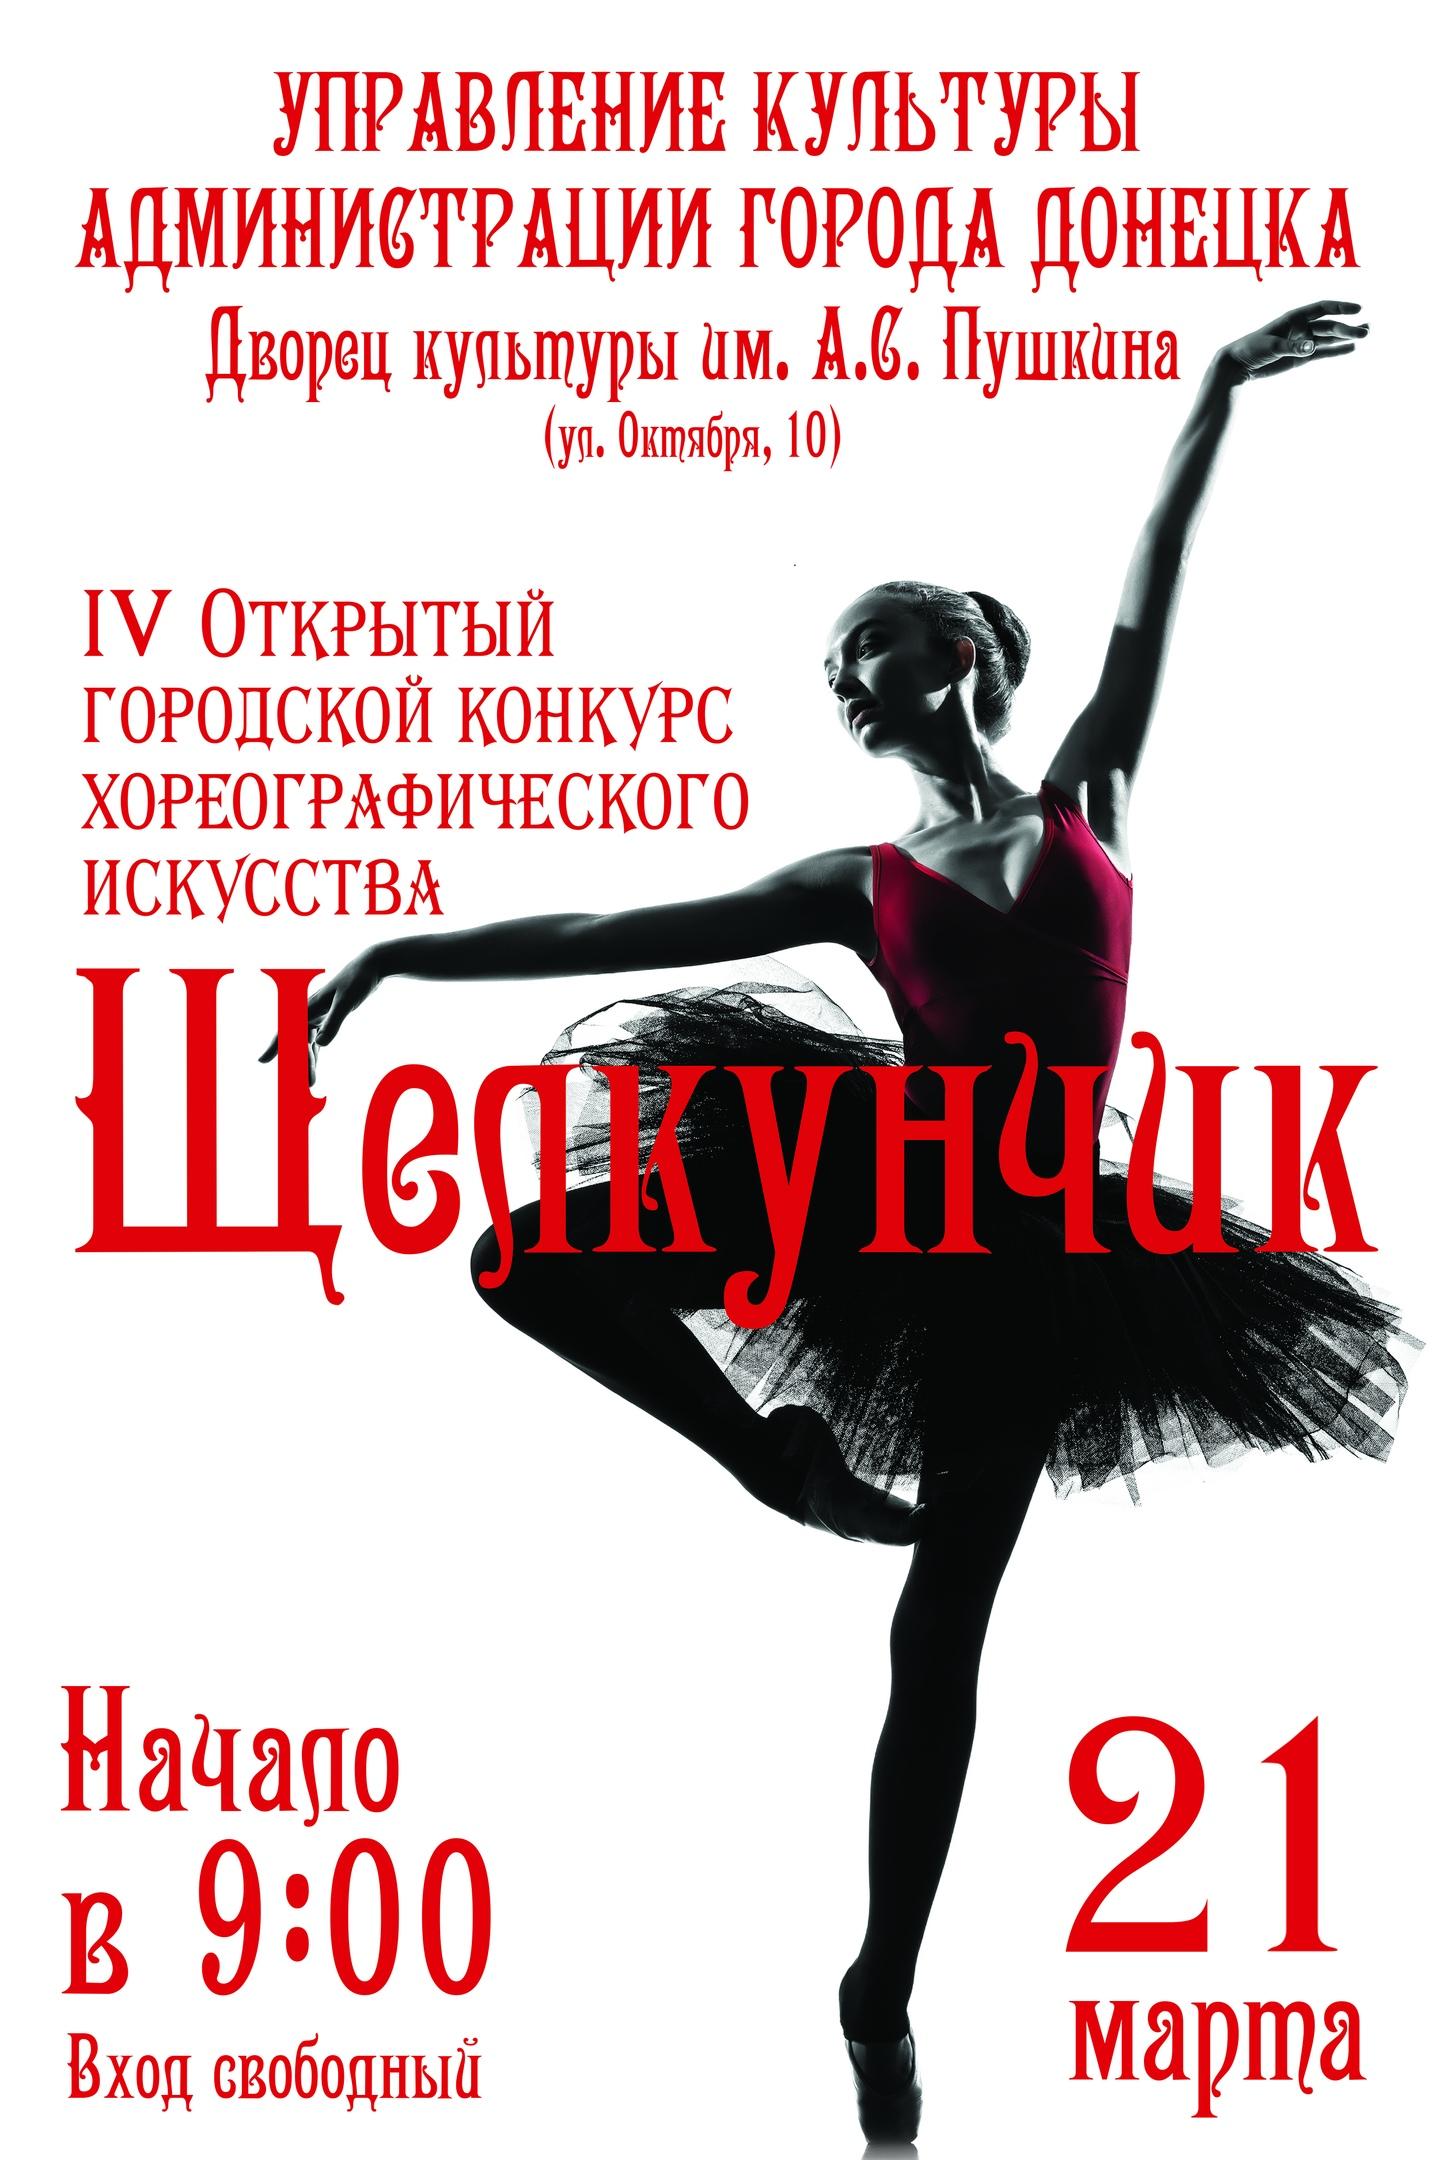 IV Открытый городской конкурс хореографического искусства «Щелкунчик» вновь состоится в Донецке